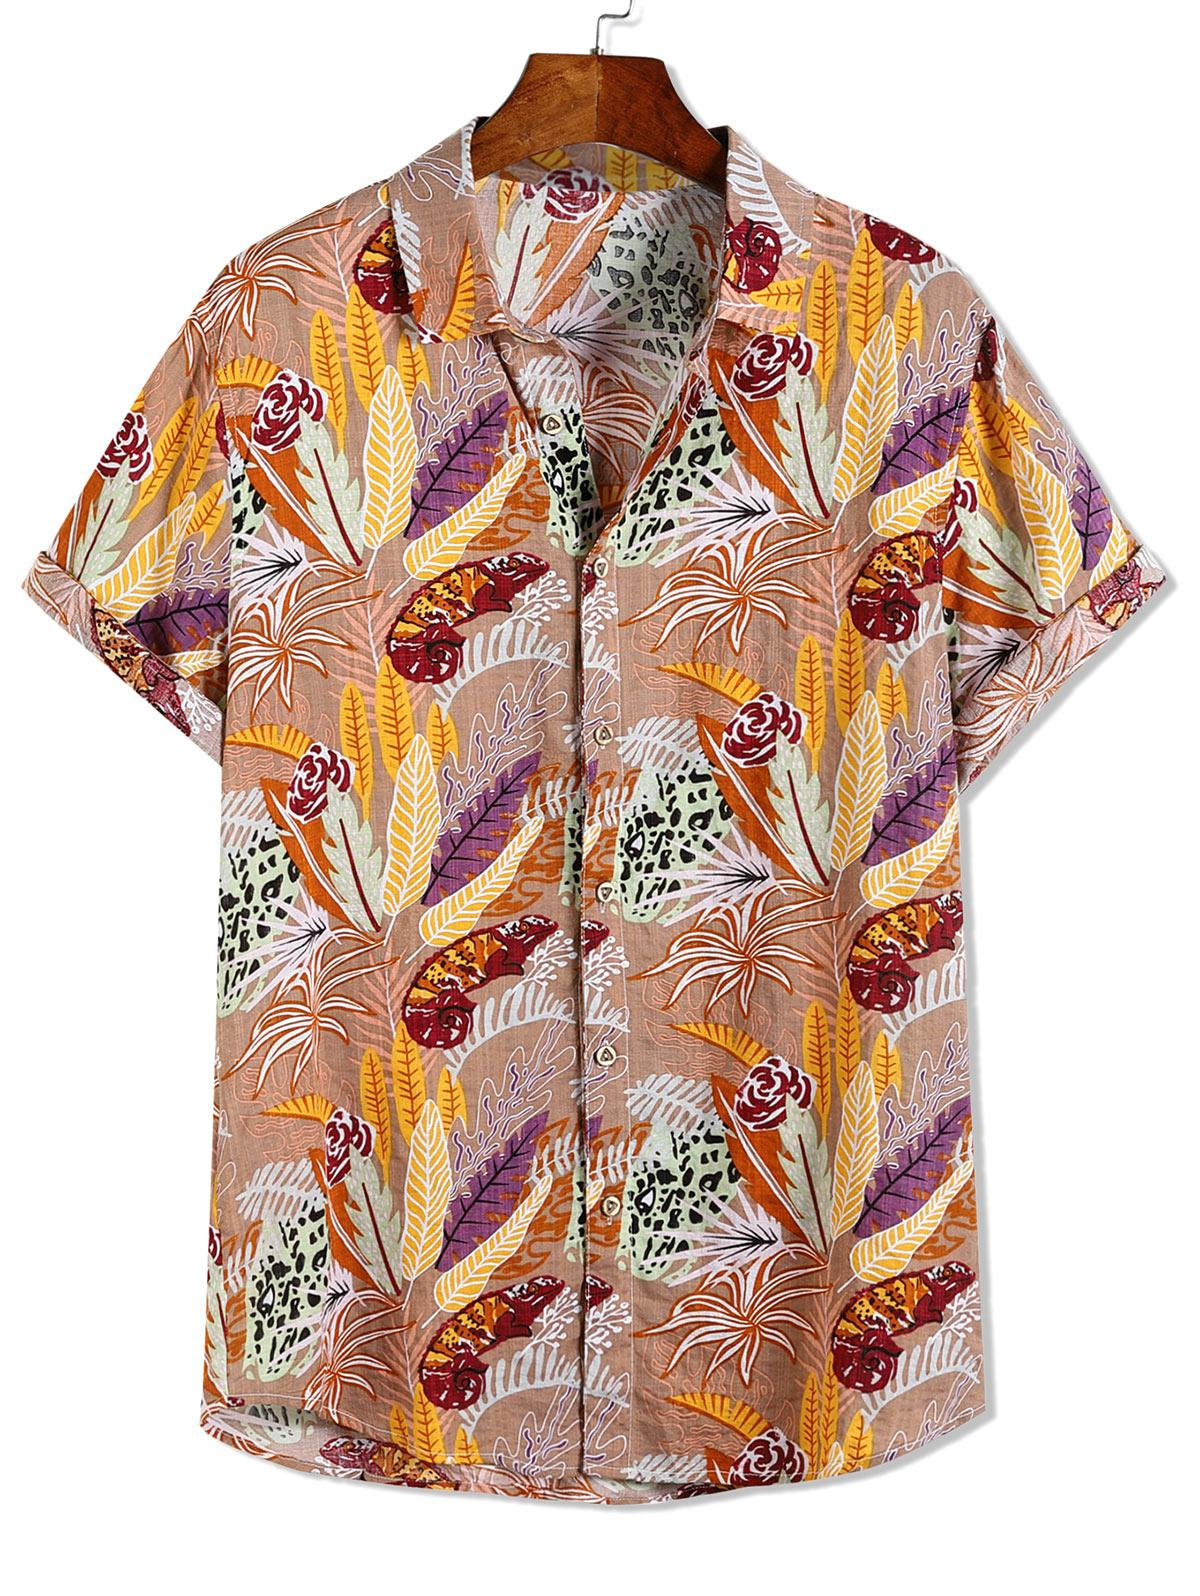 Leopard Fiore Impianto Di Stampa Hawaii Vacanza In Spiaggia Shirt